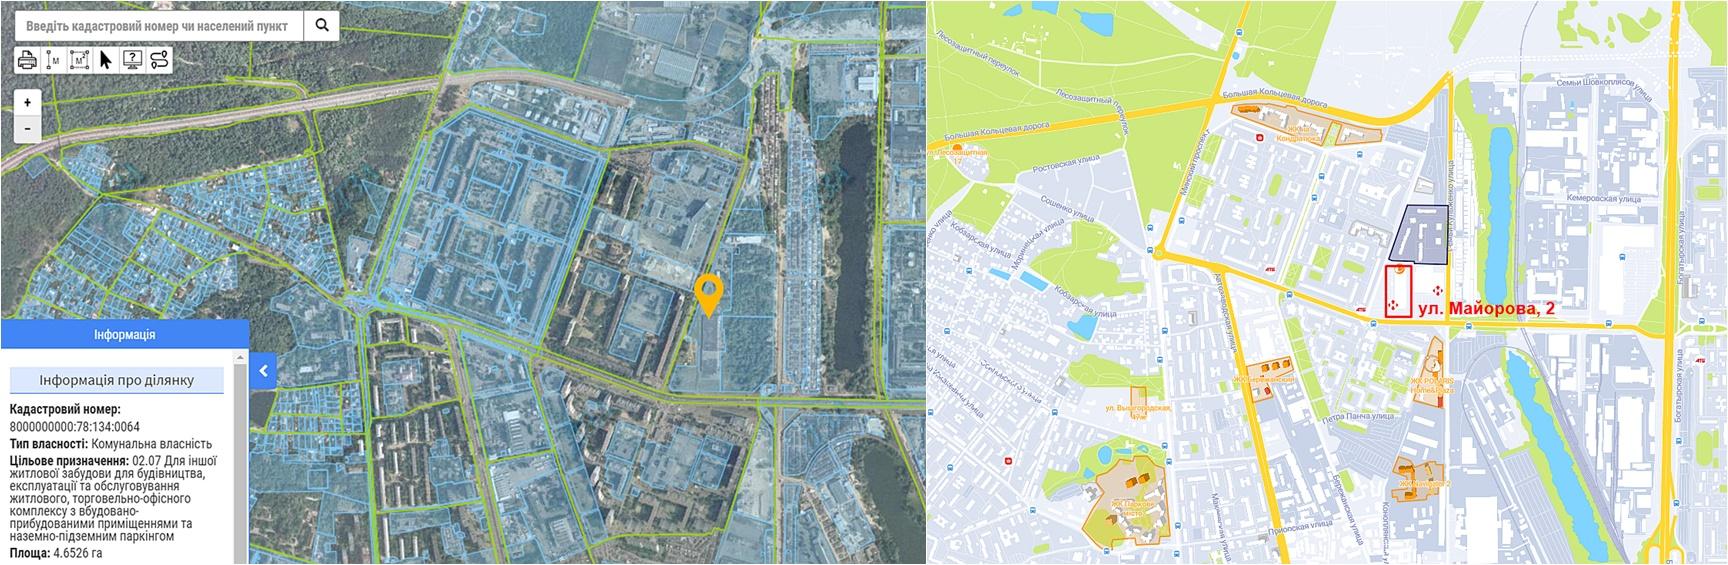 Новый ЖК по ул. Калнышевского, 2 данные кадастра и на карте